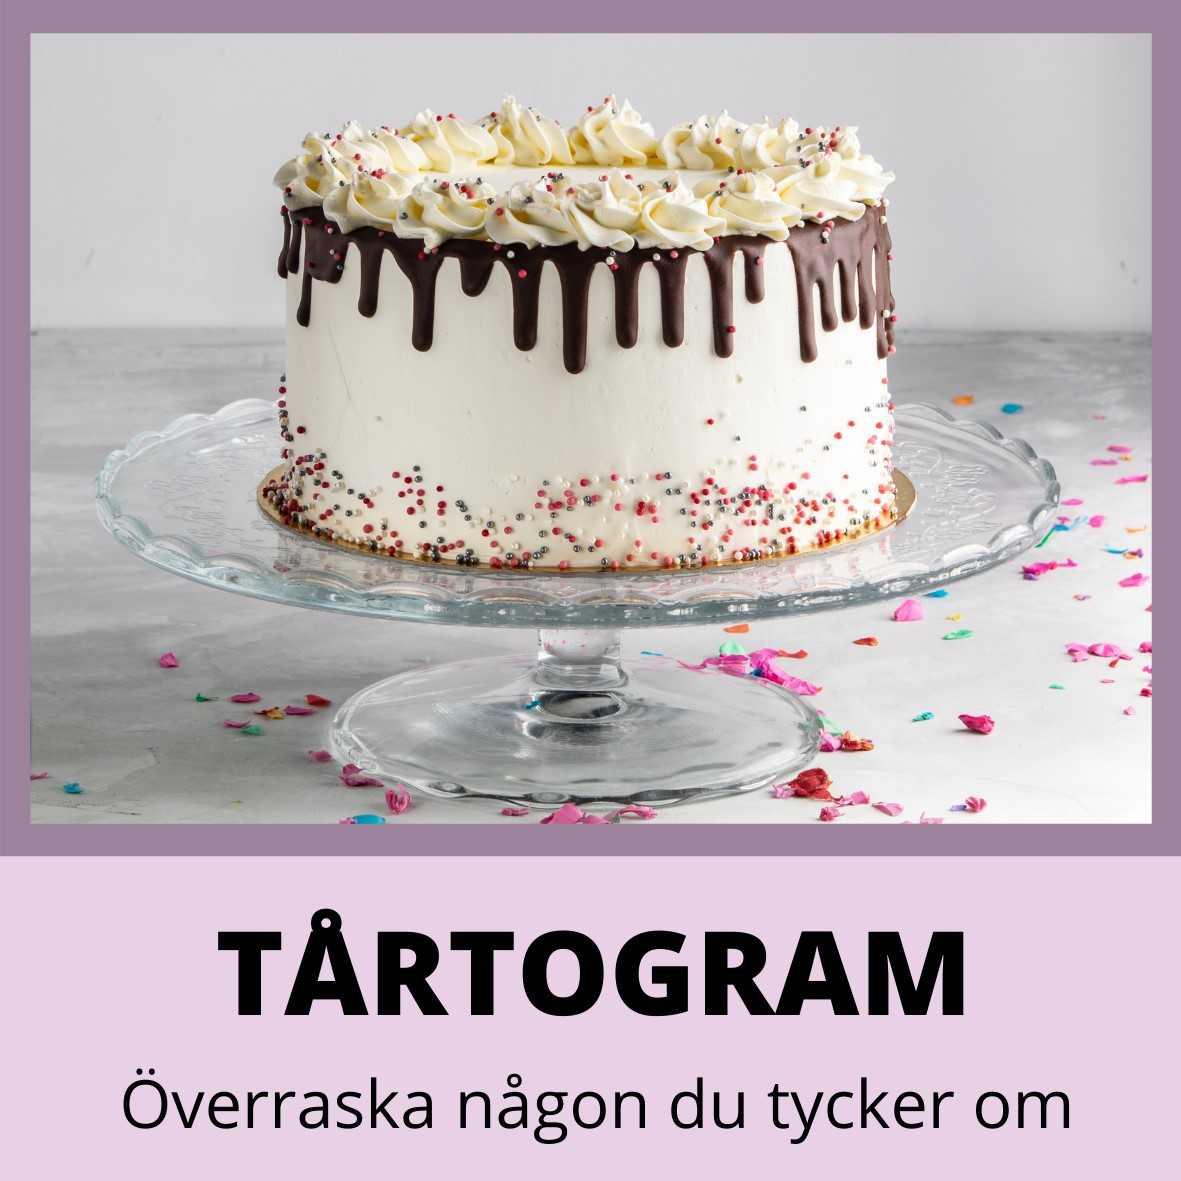 skicka ett tårtogram